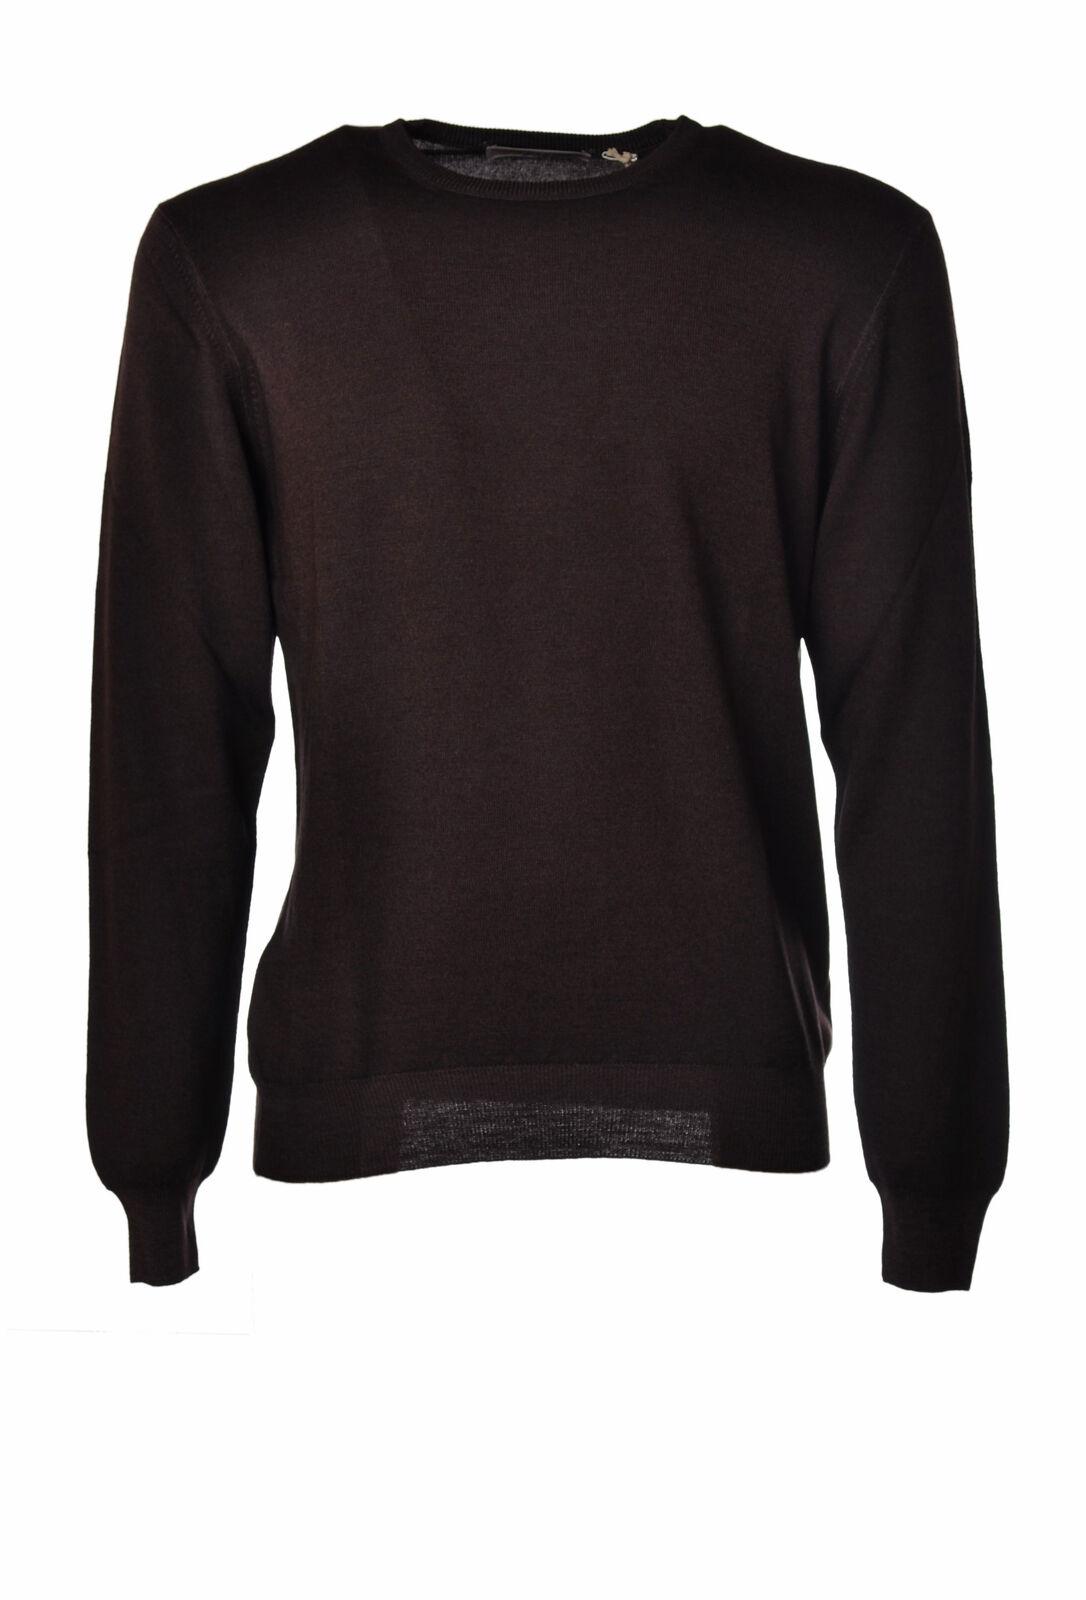 LA FILERIA  -  Sweaters - Male - Grau - 2616628N174240